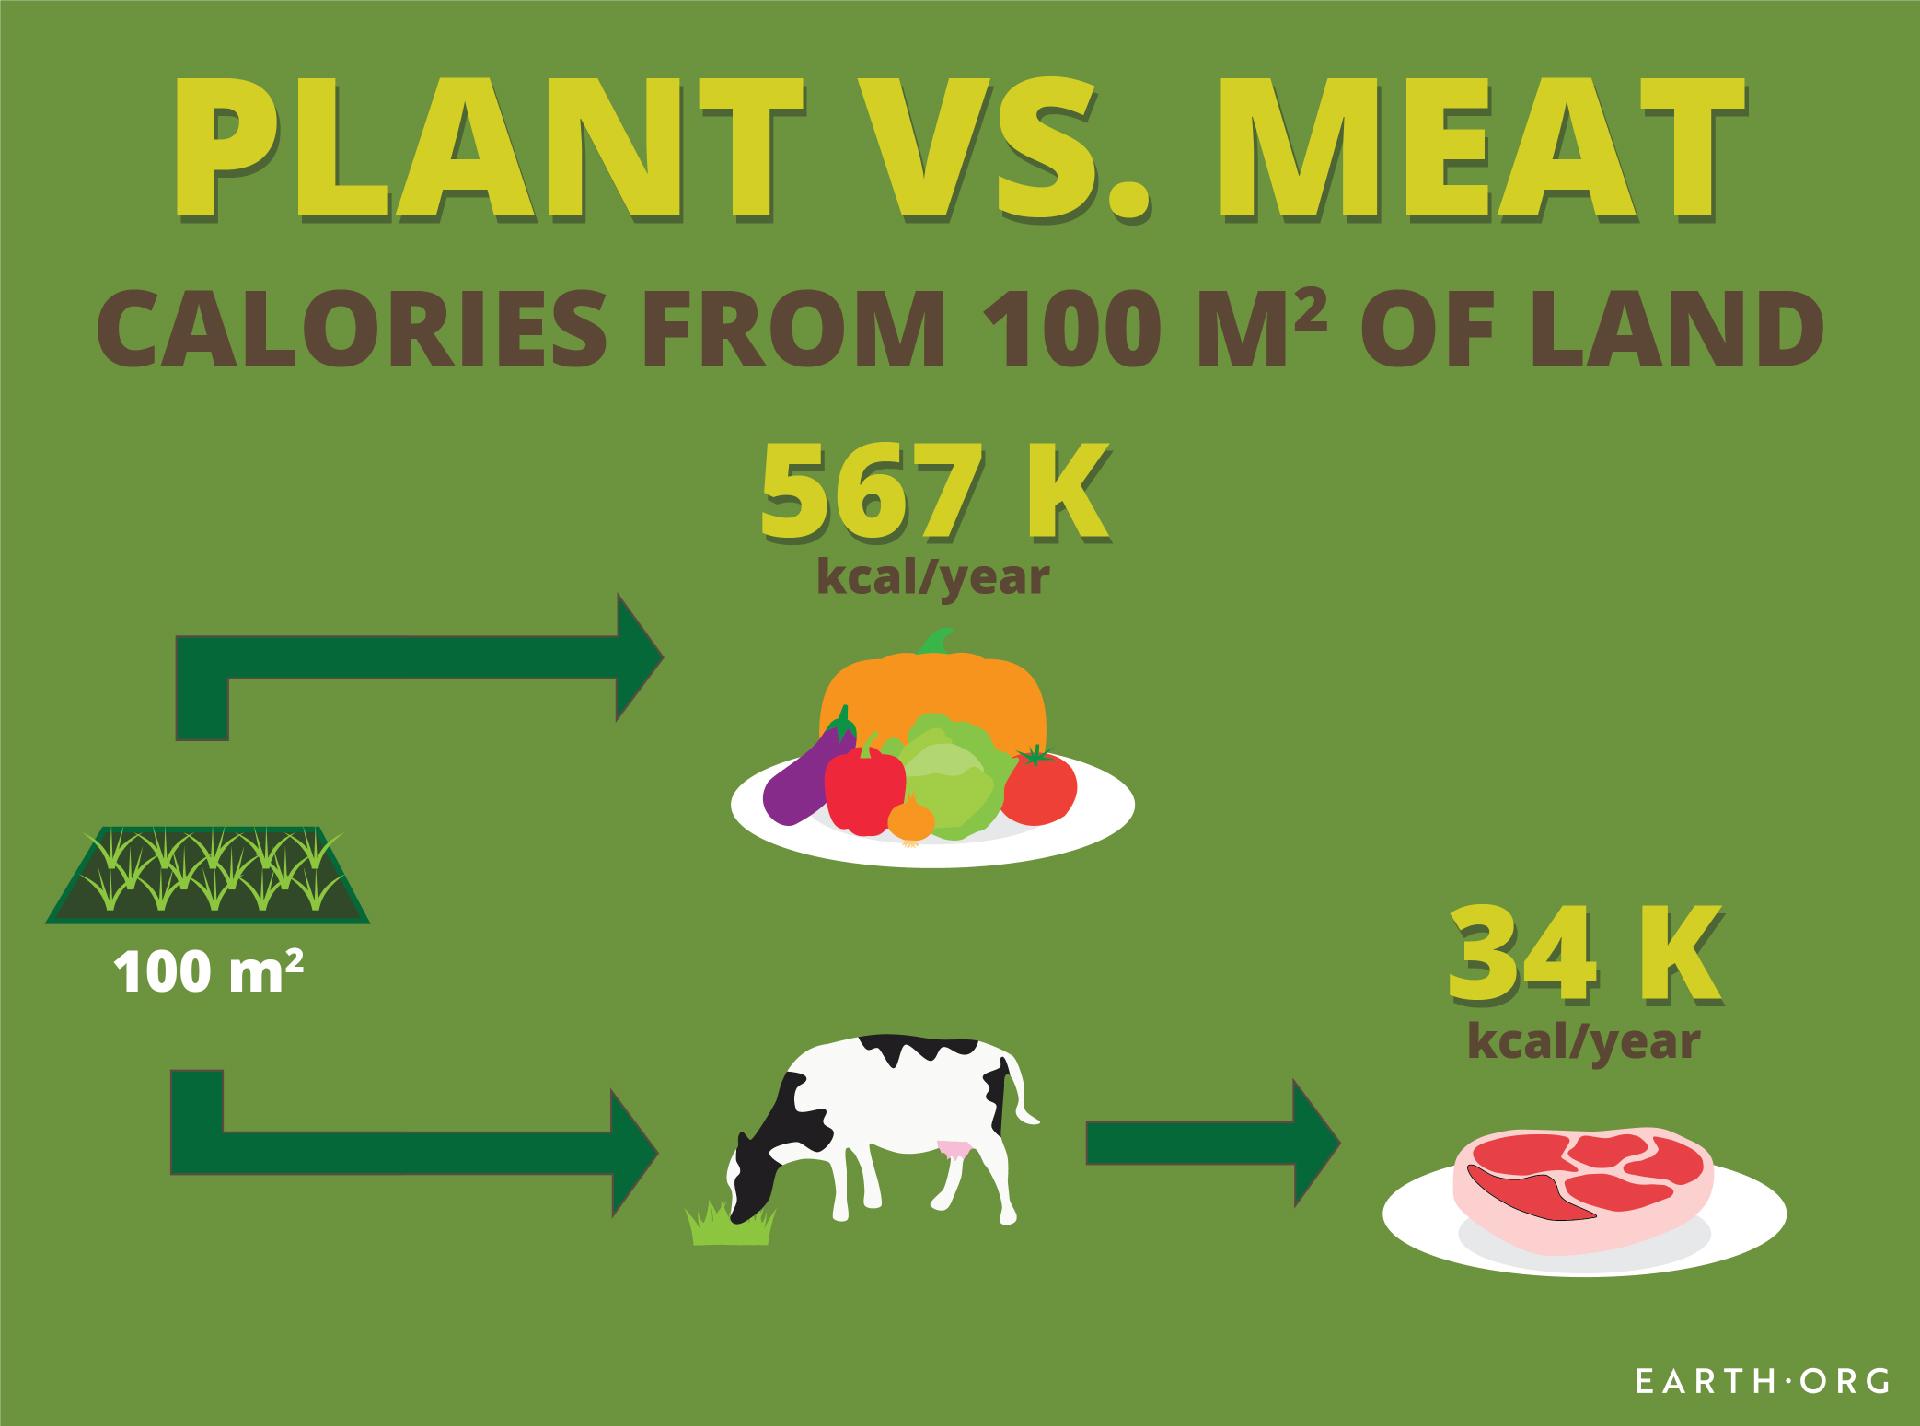 plant versus meat calorie comparison